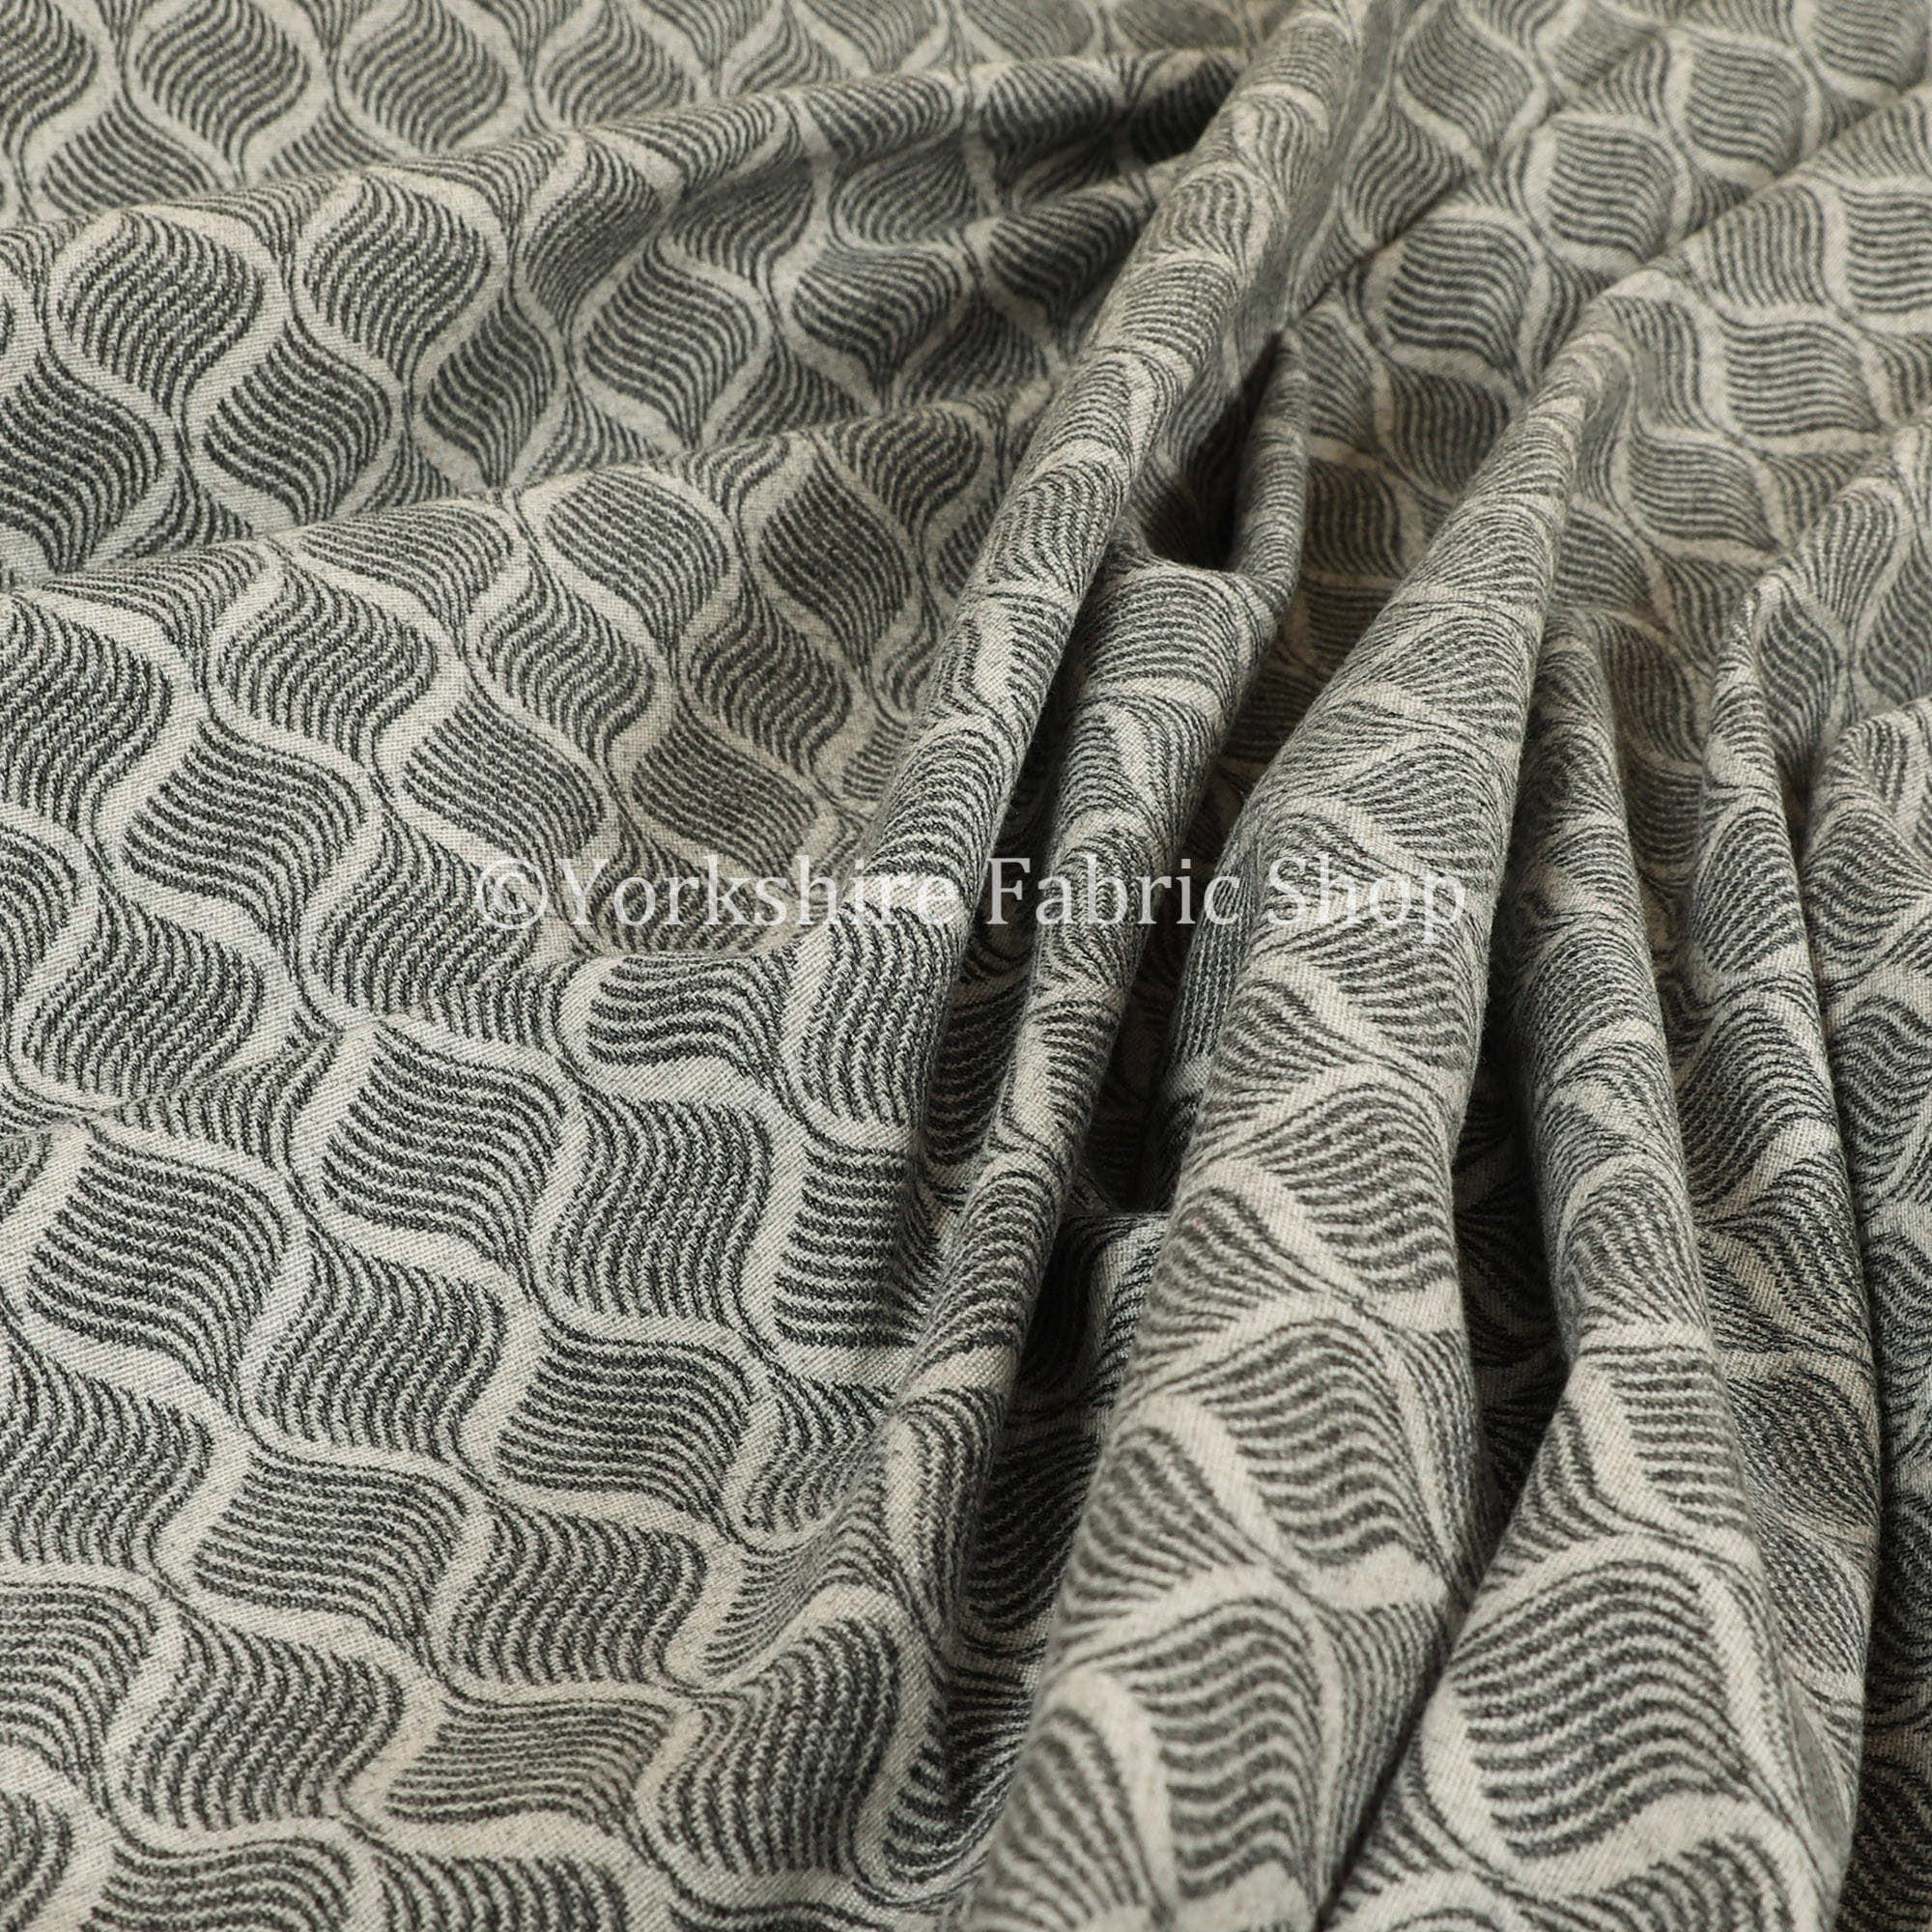 Laine motif moderne géométrique petit Motif texturé tissu d'ameublement d'ameublement d'ameublement blanc gris - vendu par le tissu de longueur de 10 mètres 8dc90b